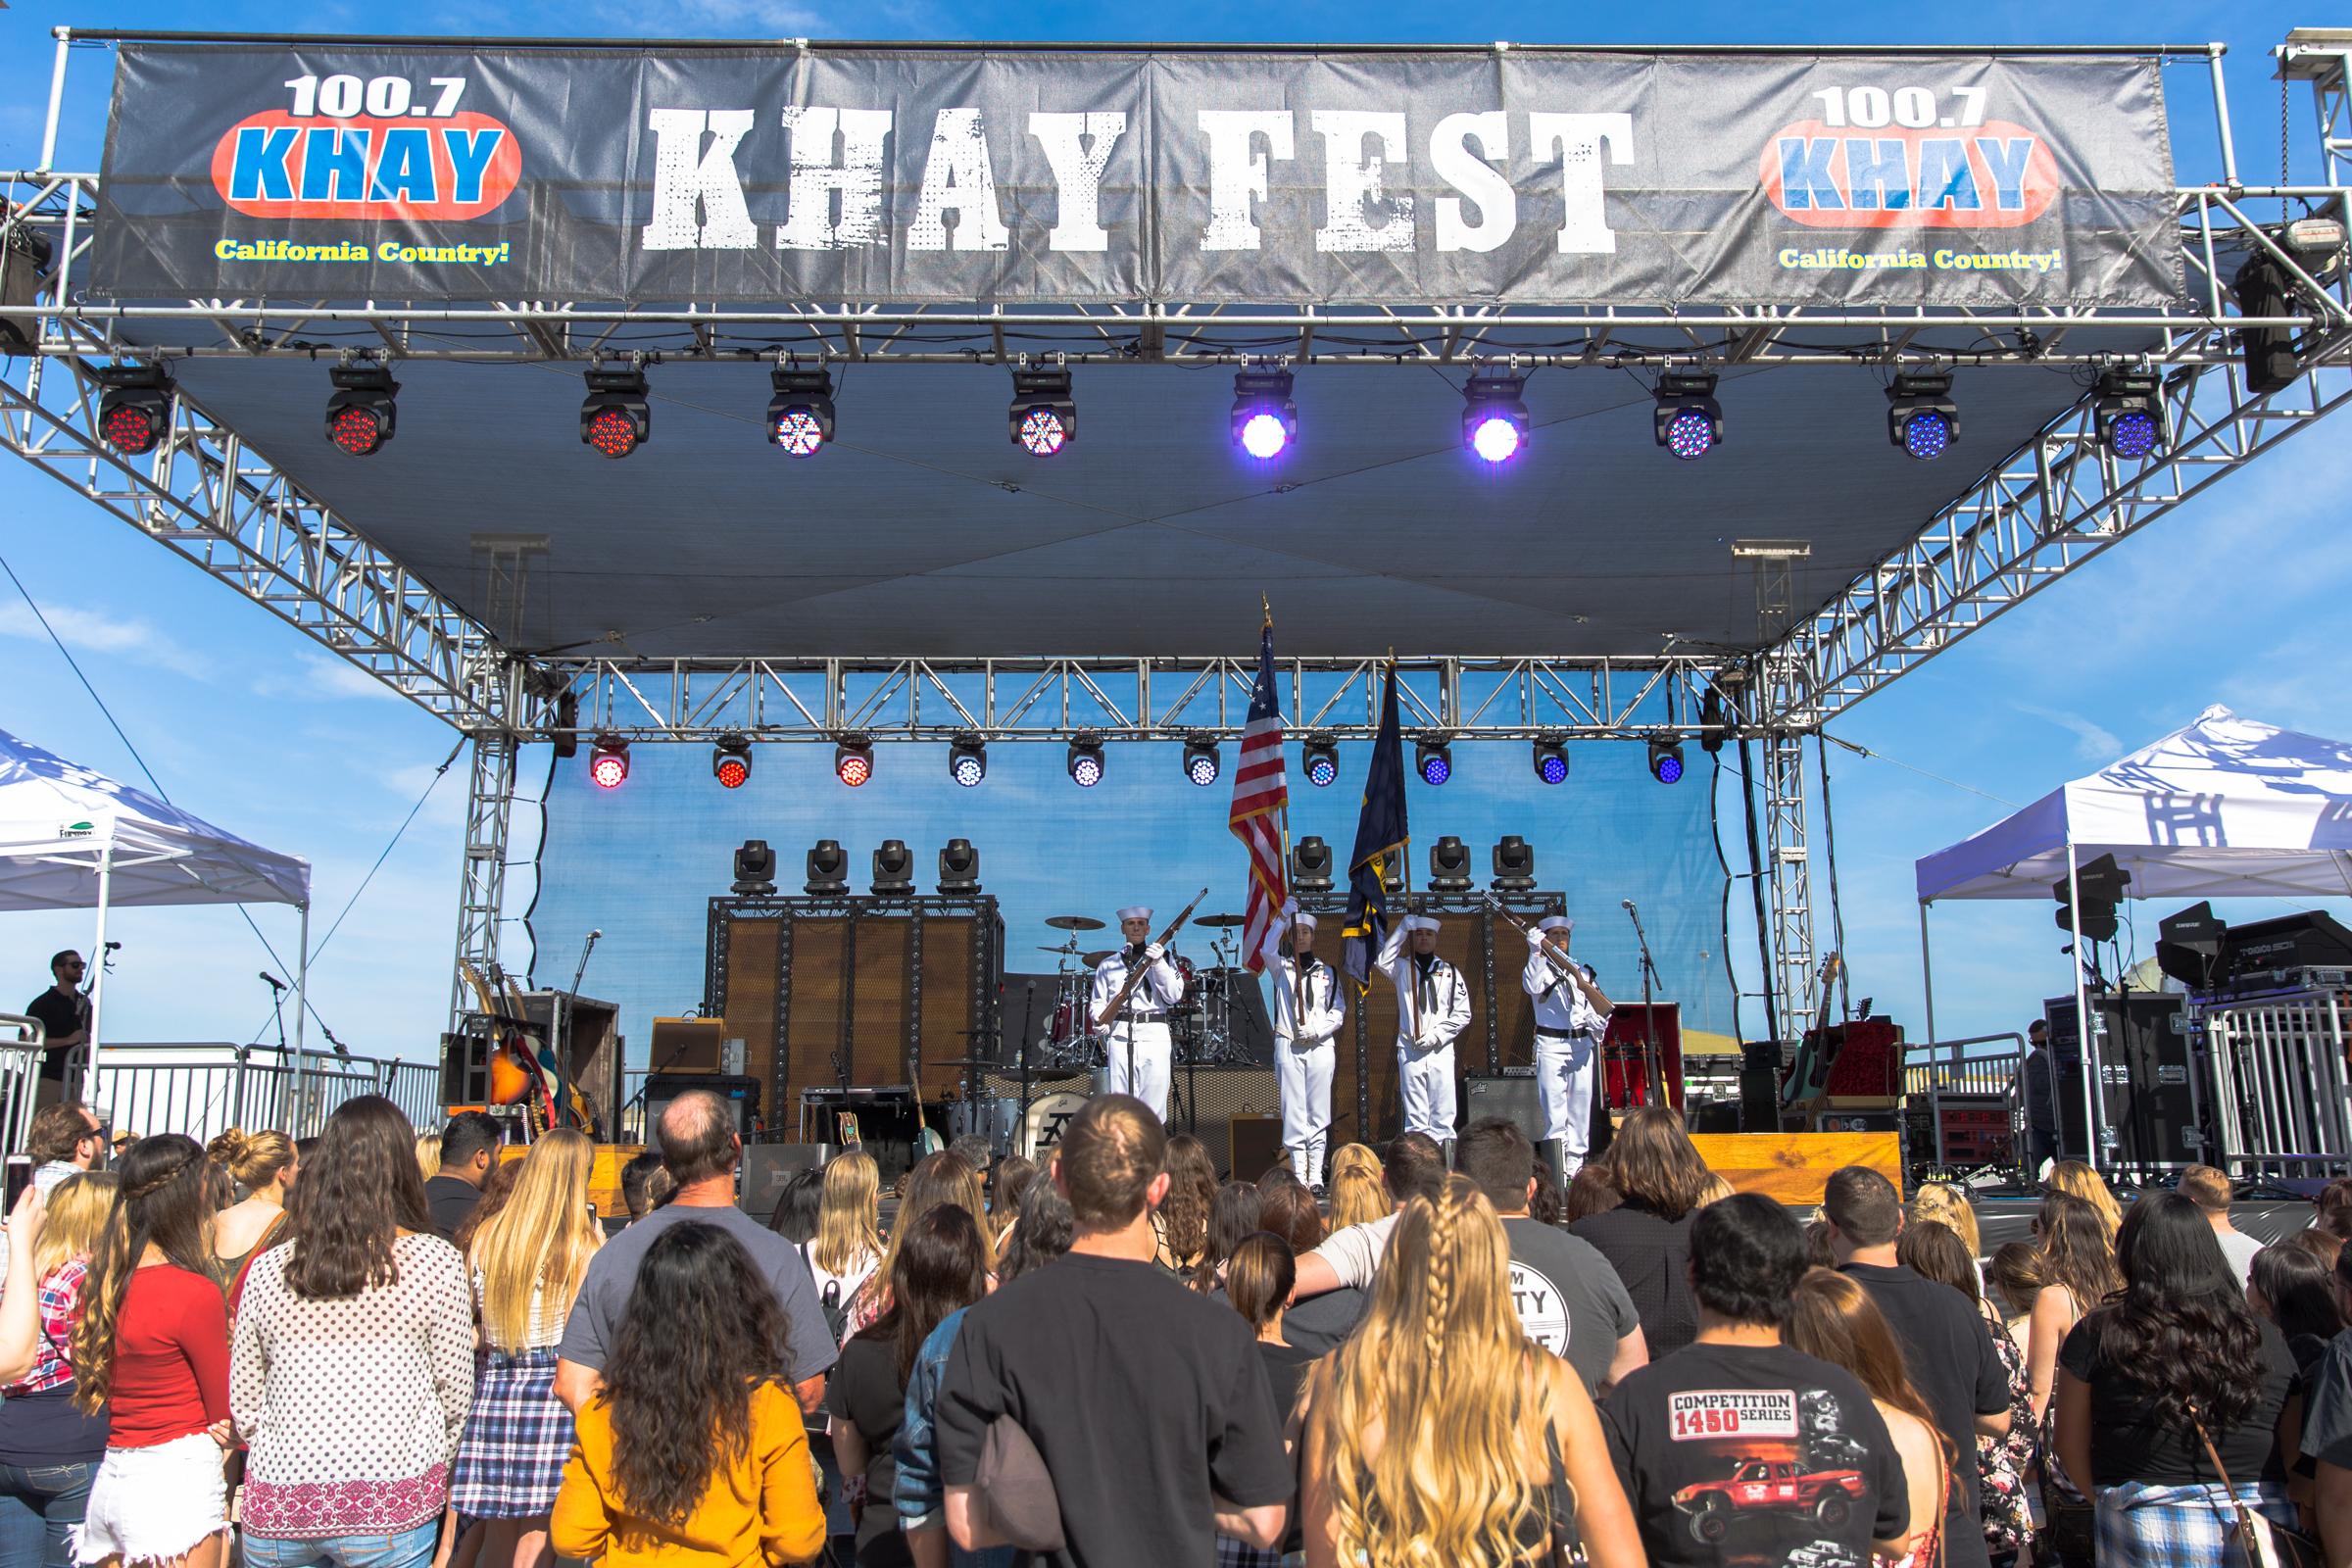 KHAY-44